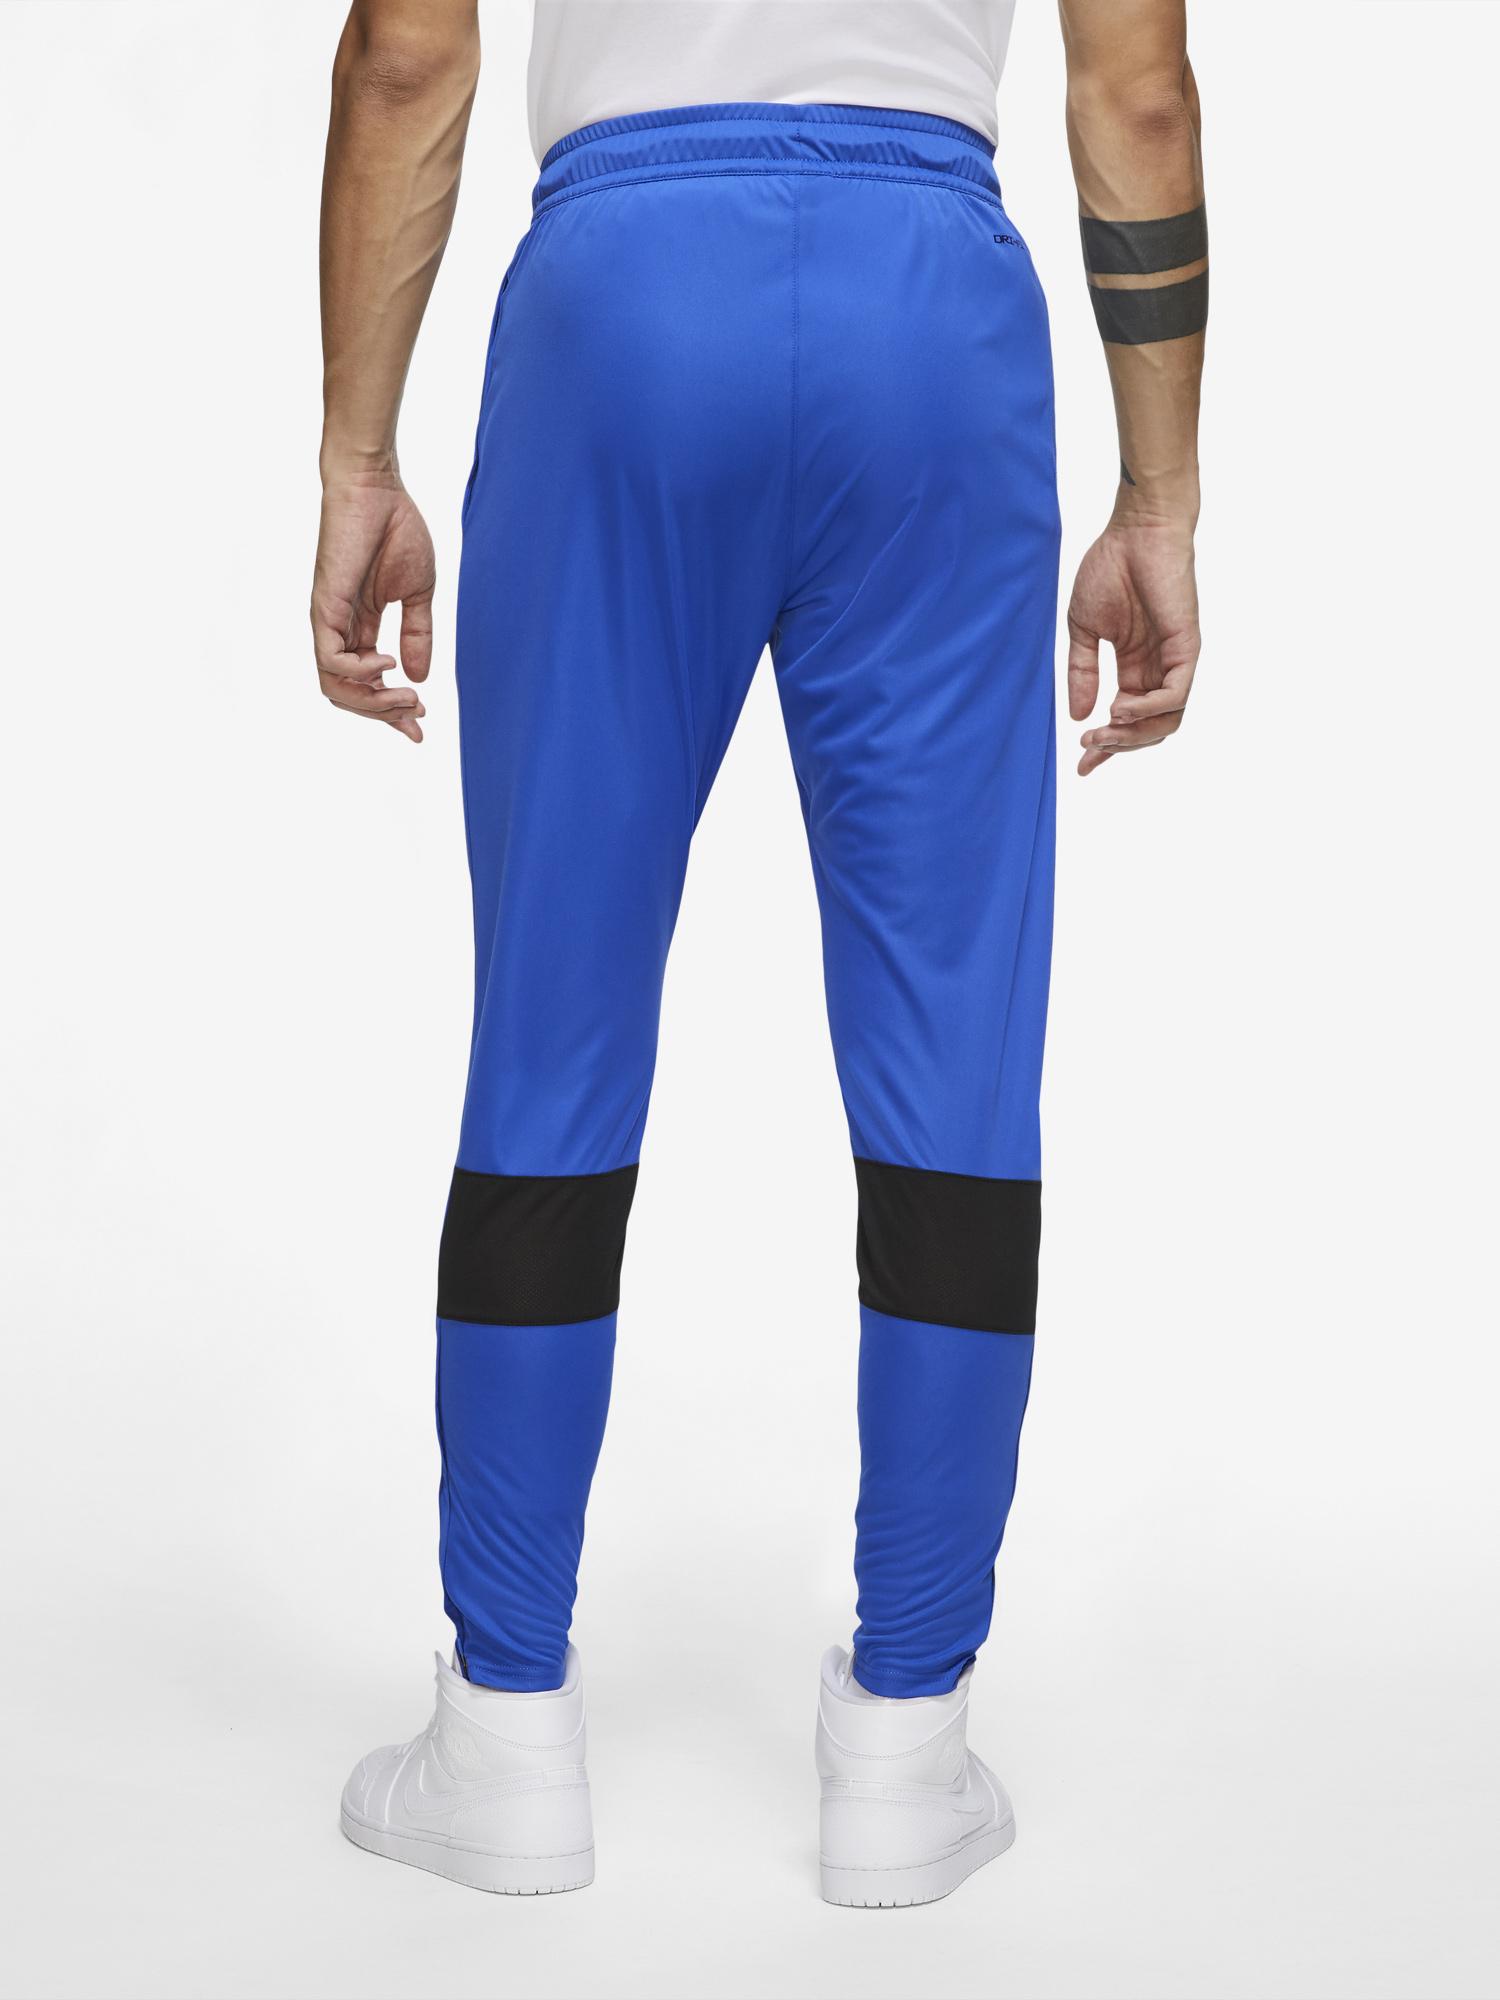 jordan-dri-fit-air-pants-royal-blue-2